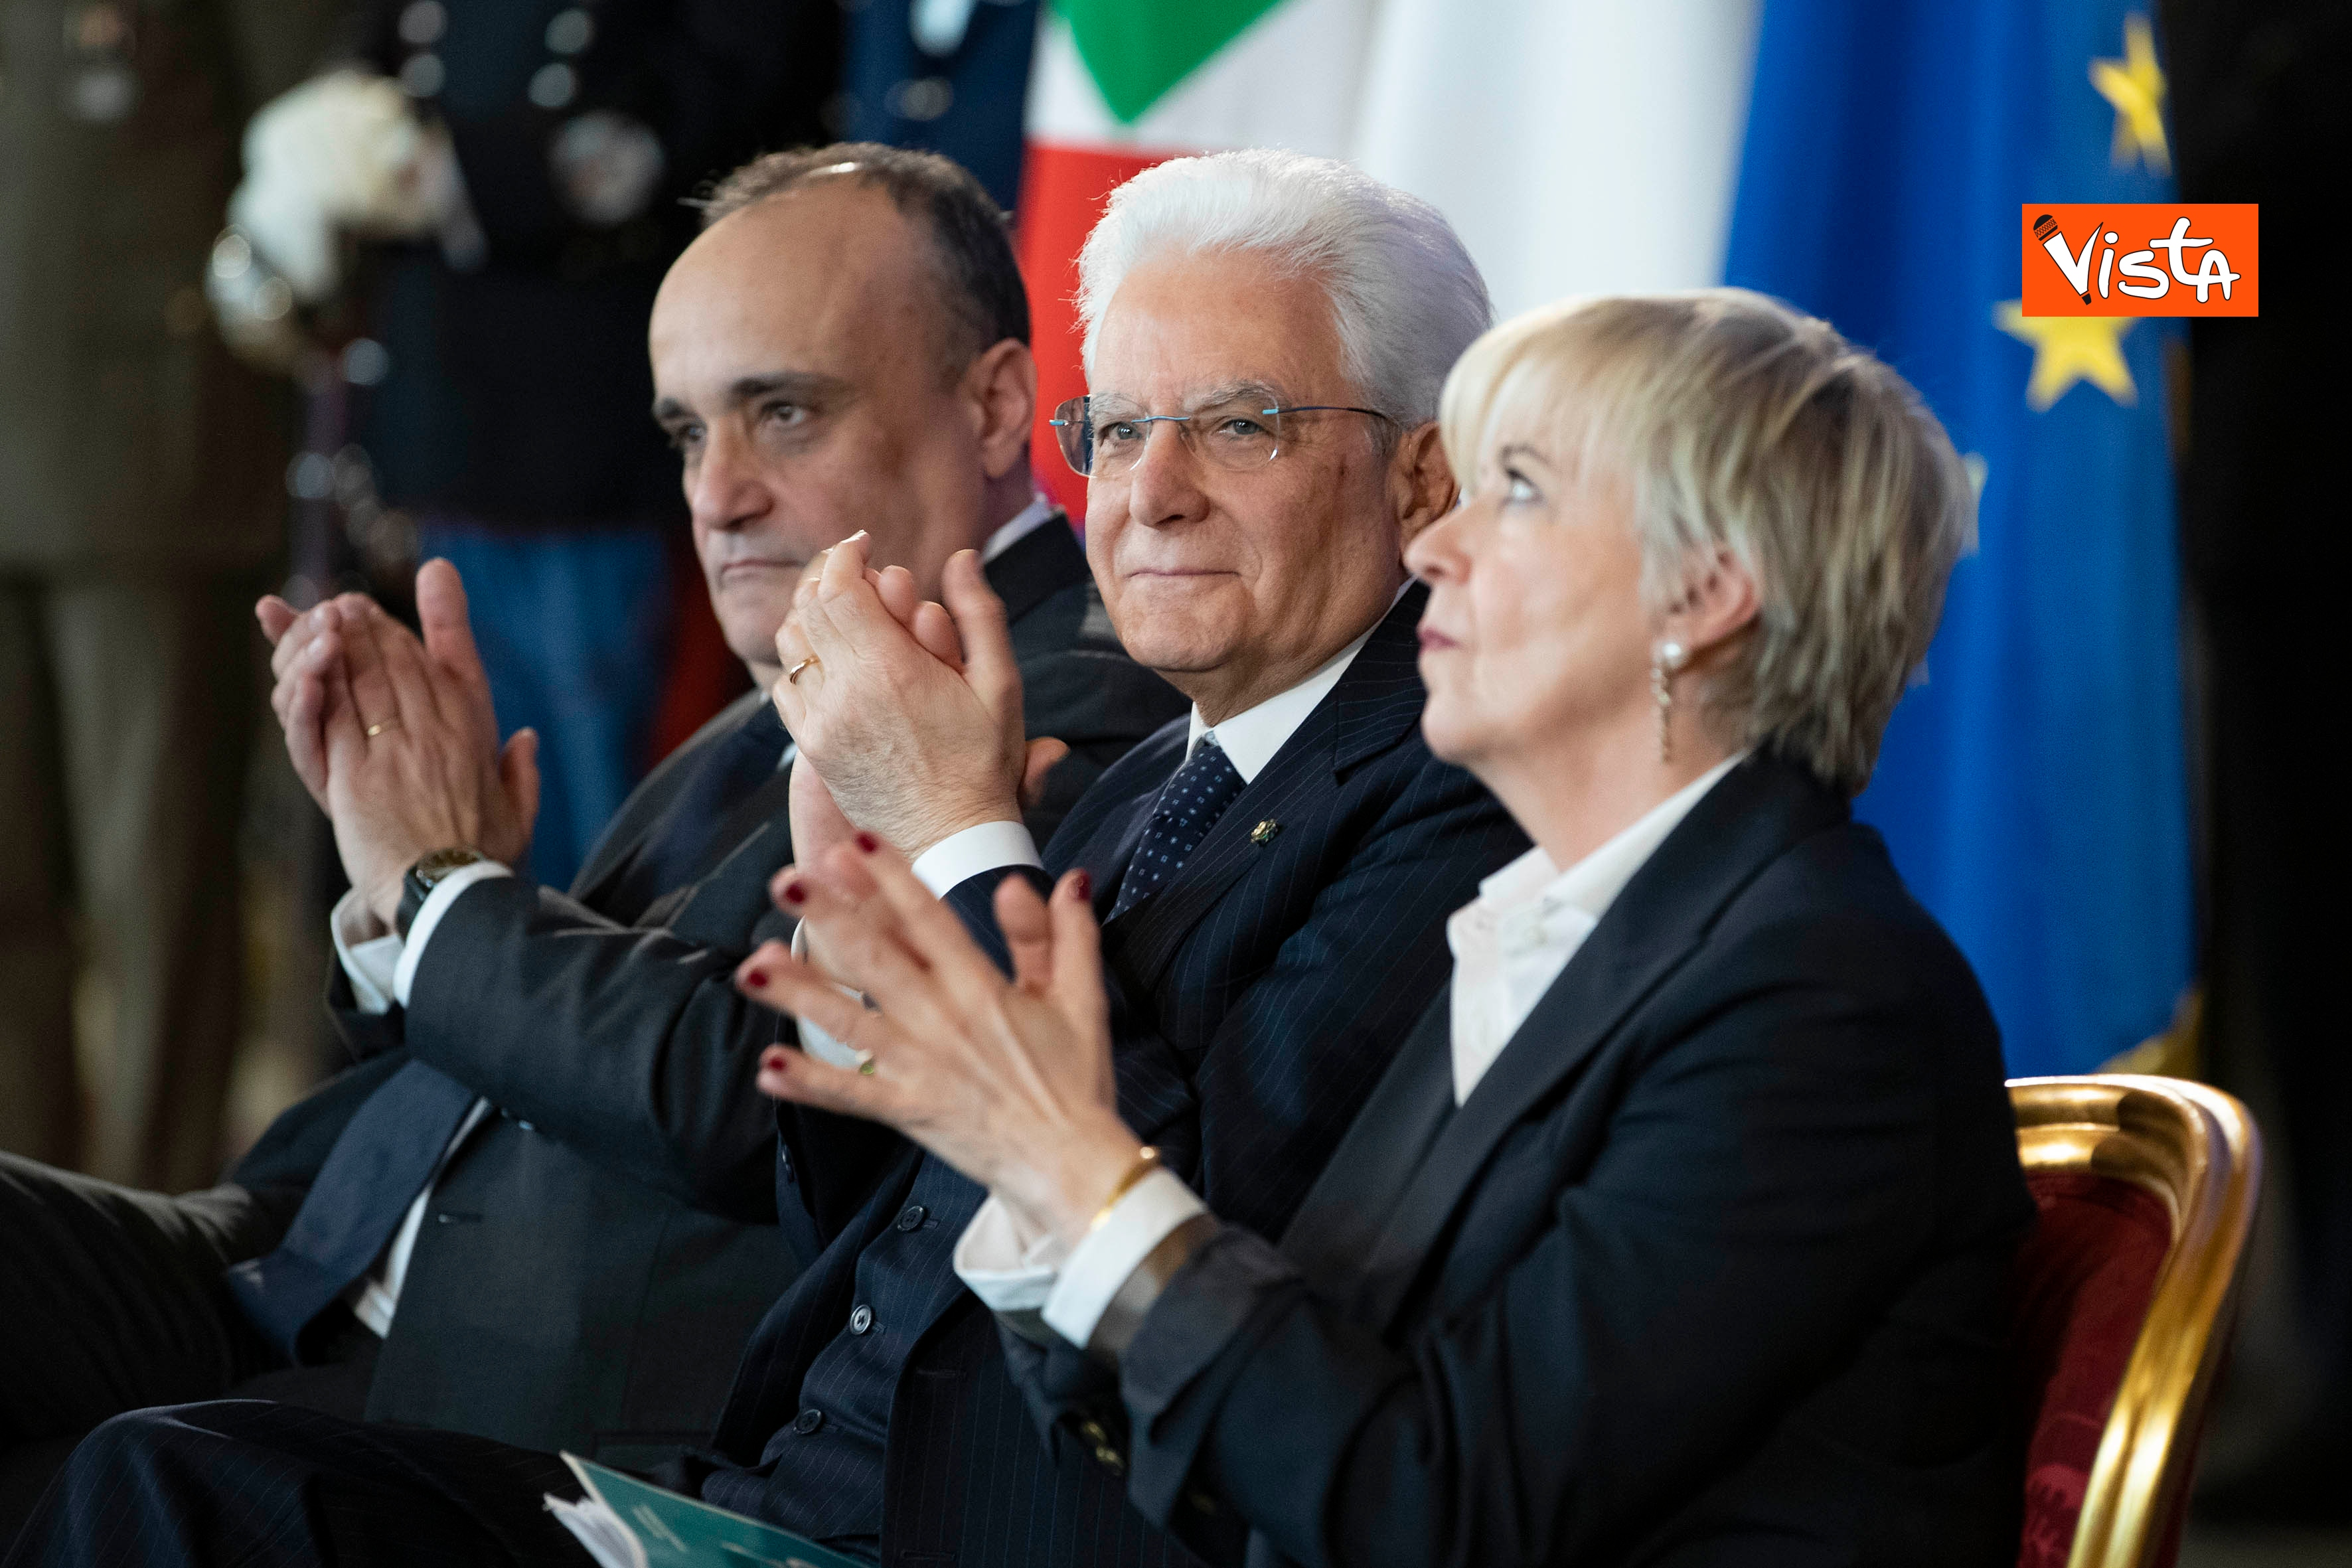 Alberto Bonisoli, Sergio Mattarella